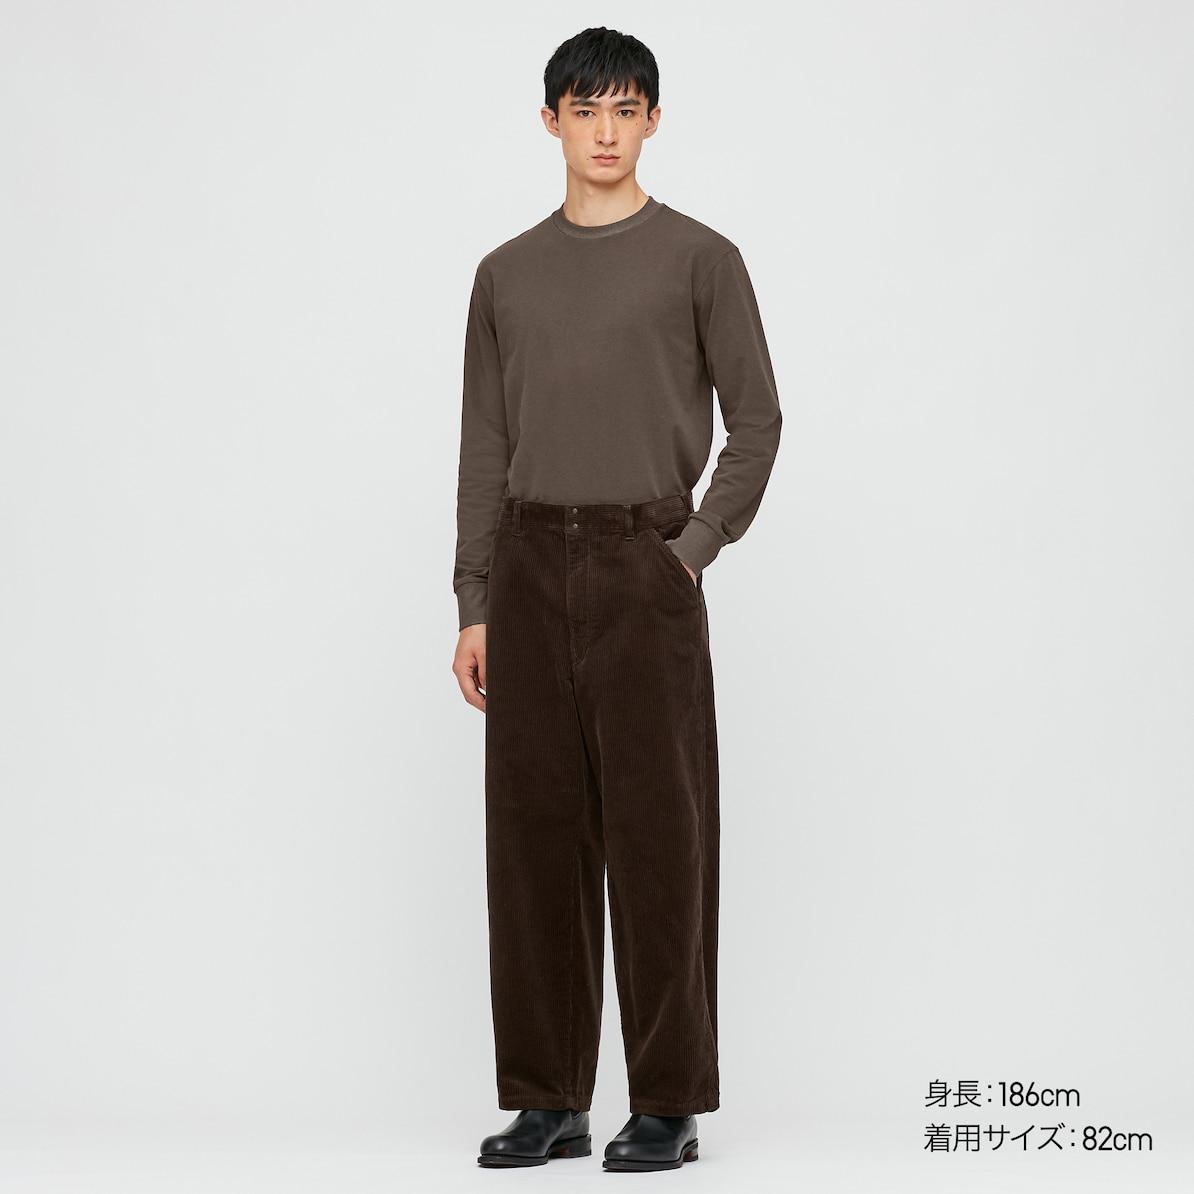 f:id:maiconfukuyama:20200925184507j:plain